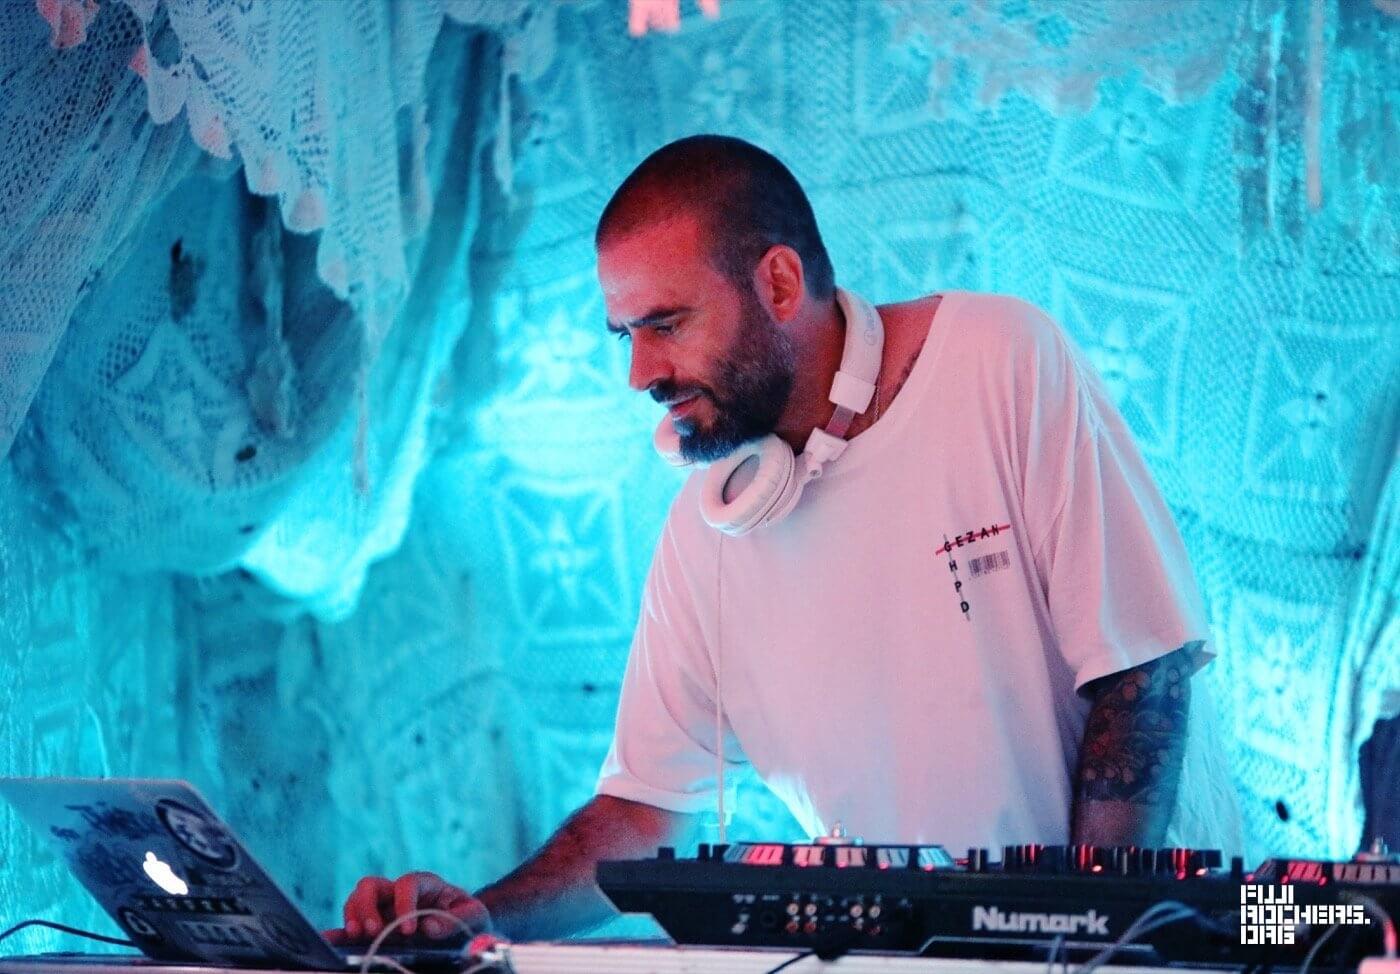 DJ/QUIETSTORM